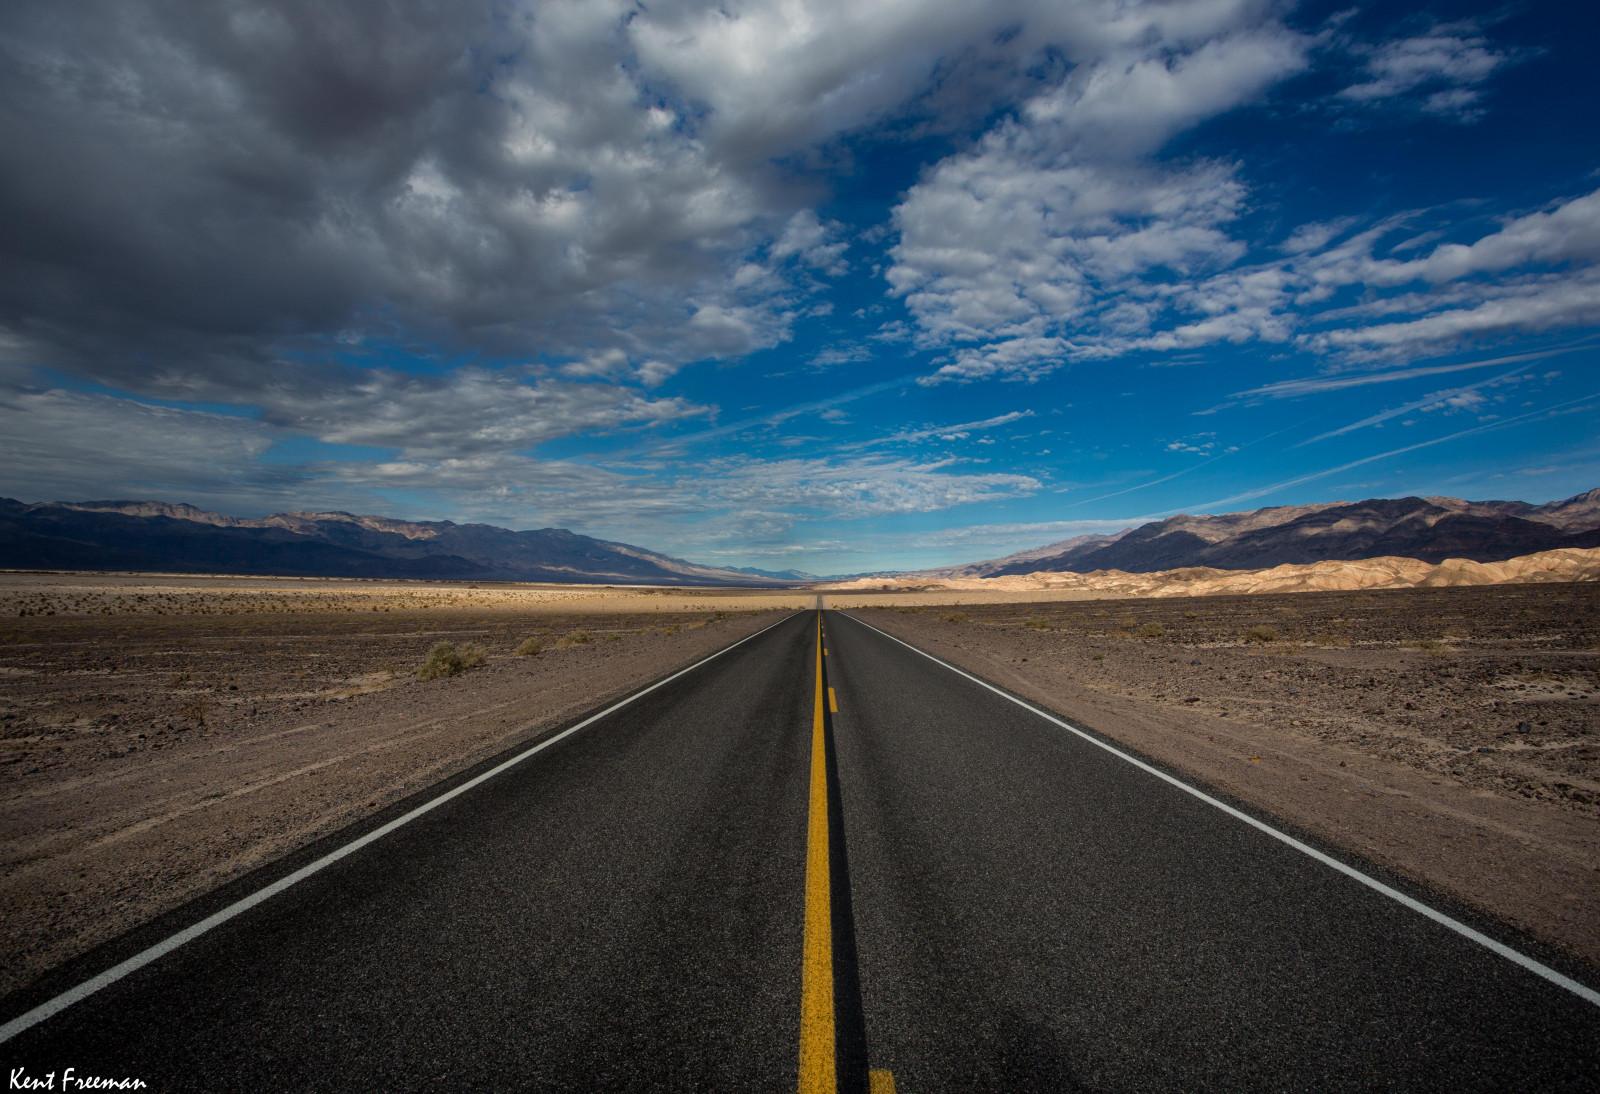 его, будете горизонт небо дорога шоссе красивые картинки дуб драгоценный